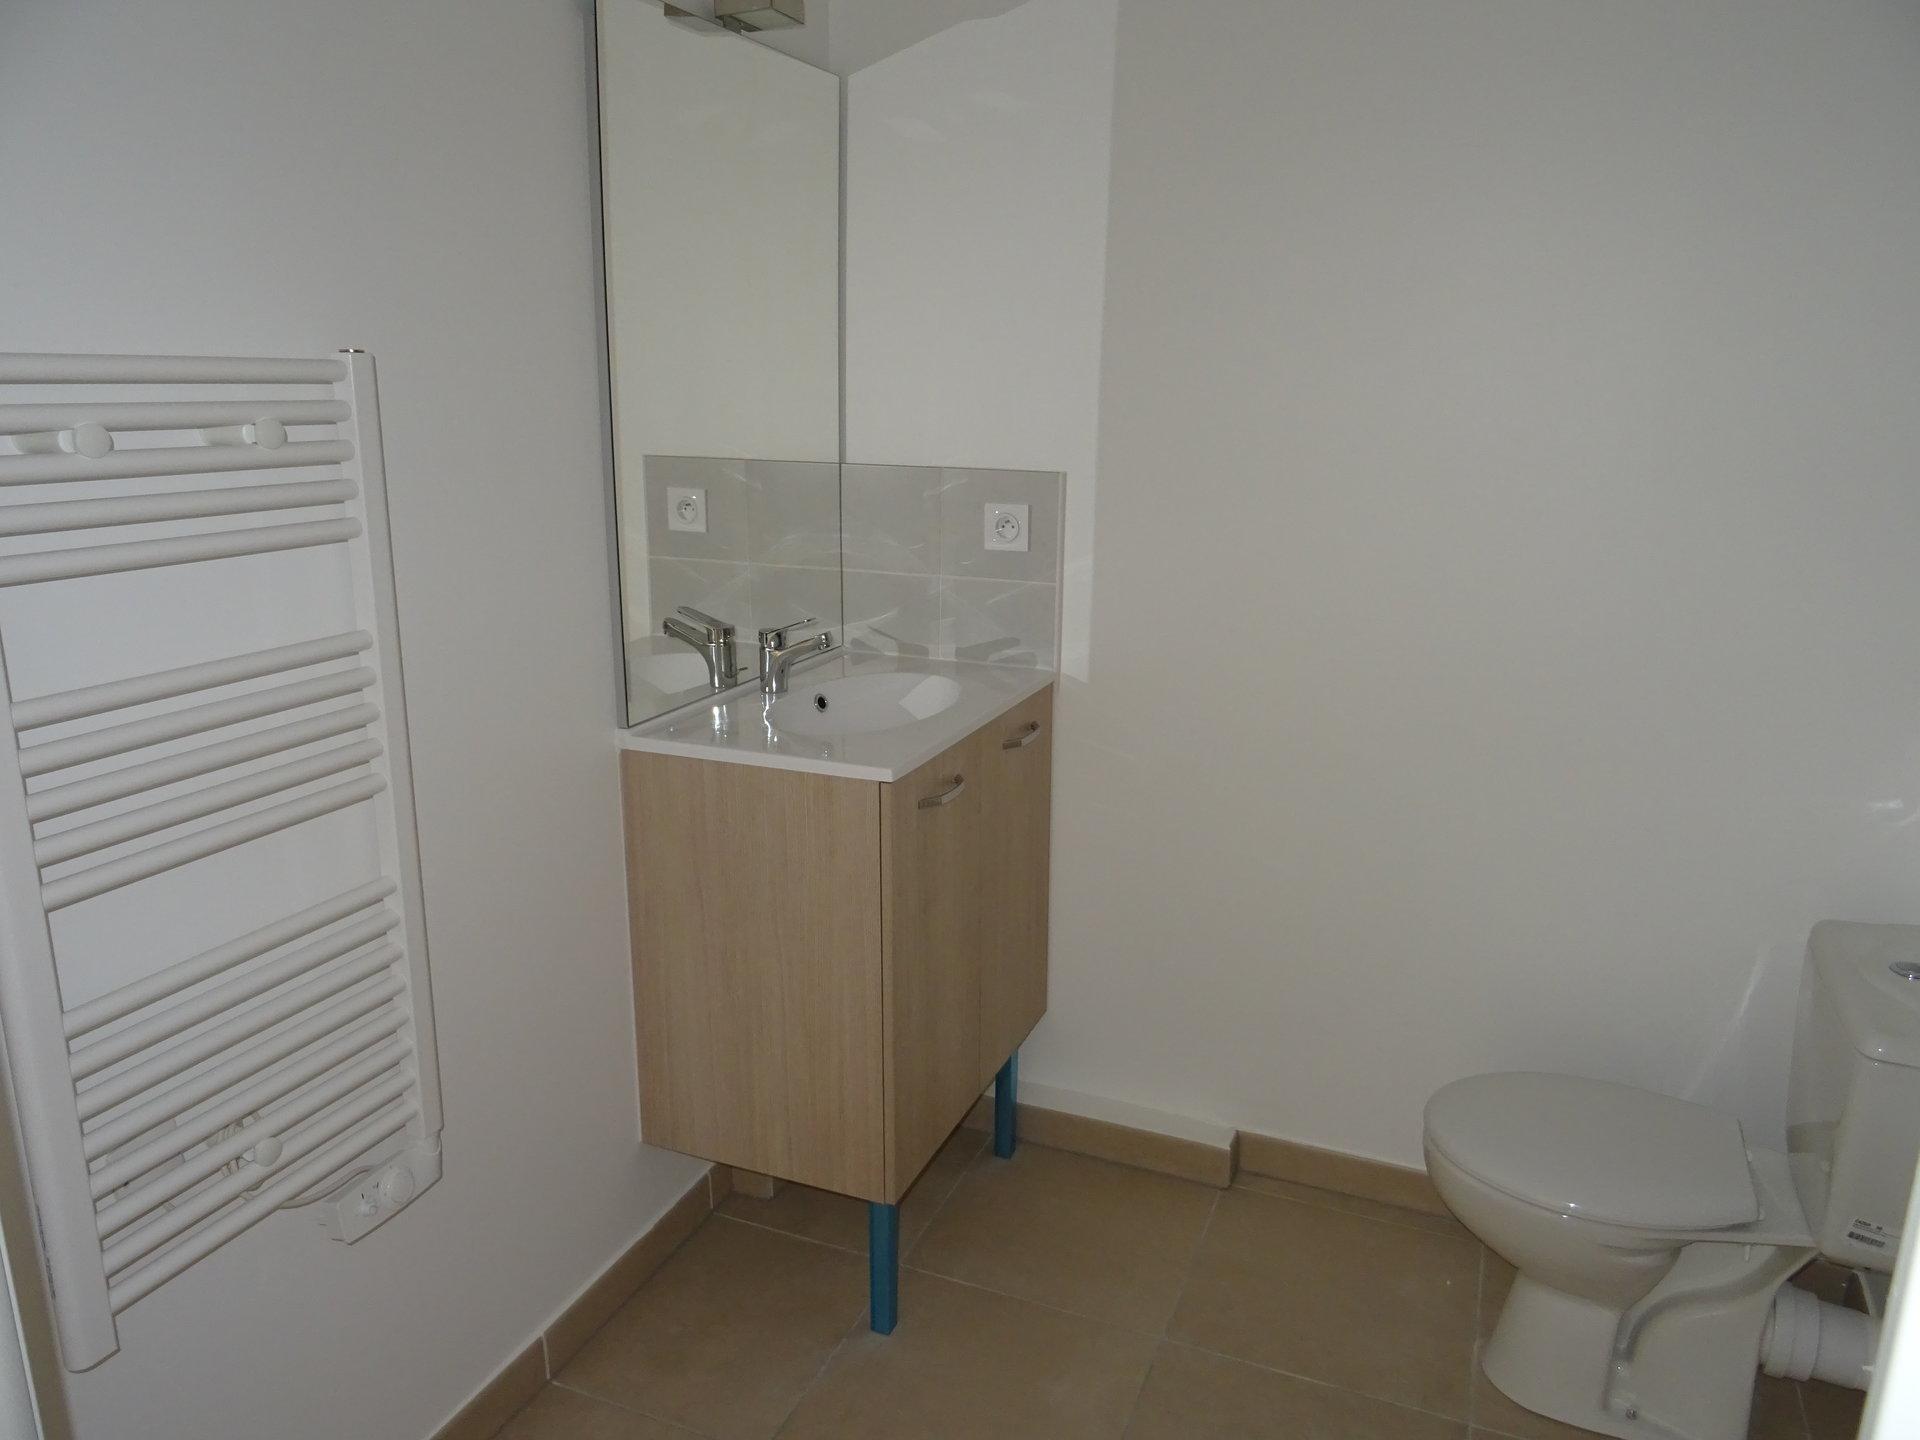 Appartement Neuf  37 m2 Type 2 - terrasse+ jardin  +parking